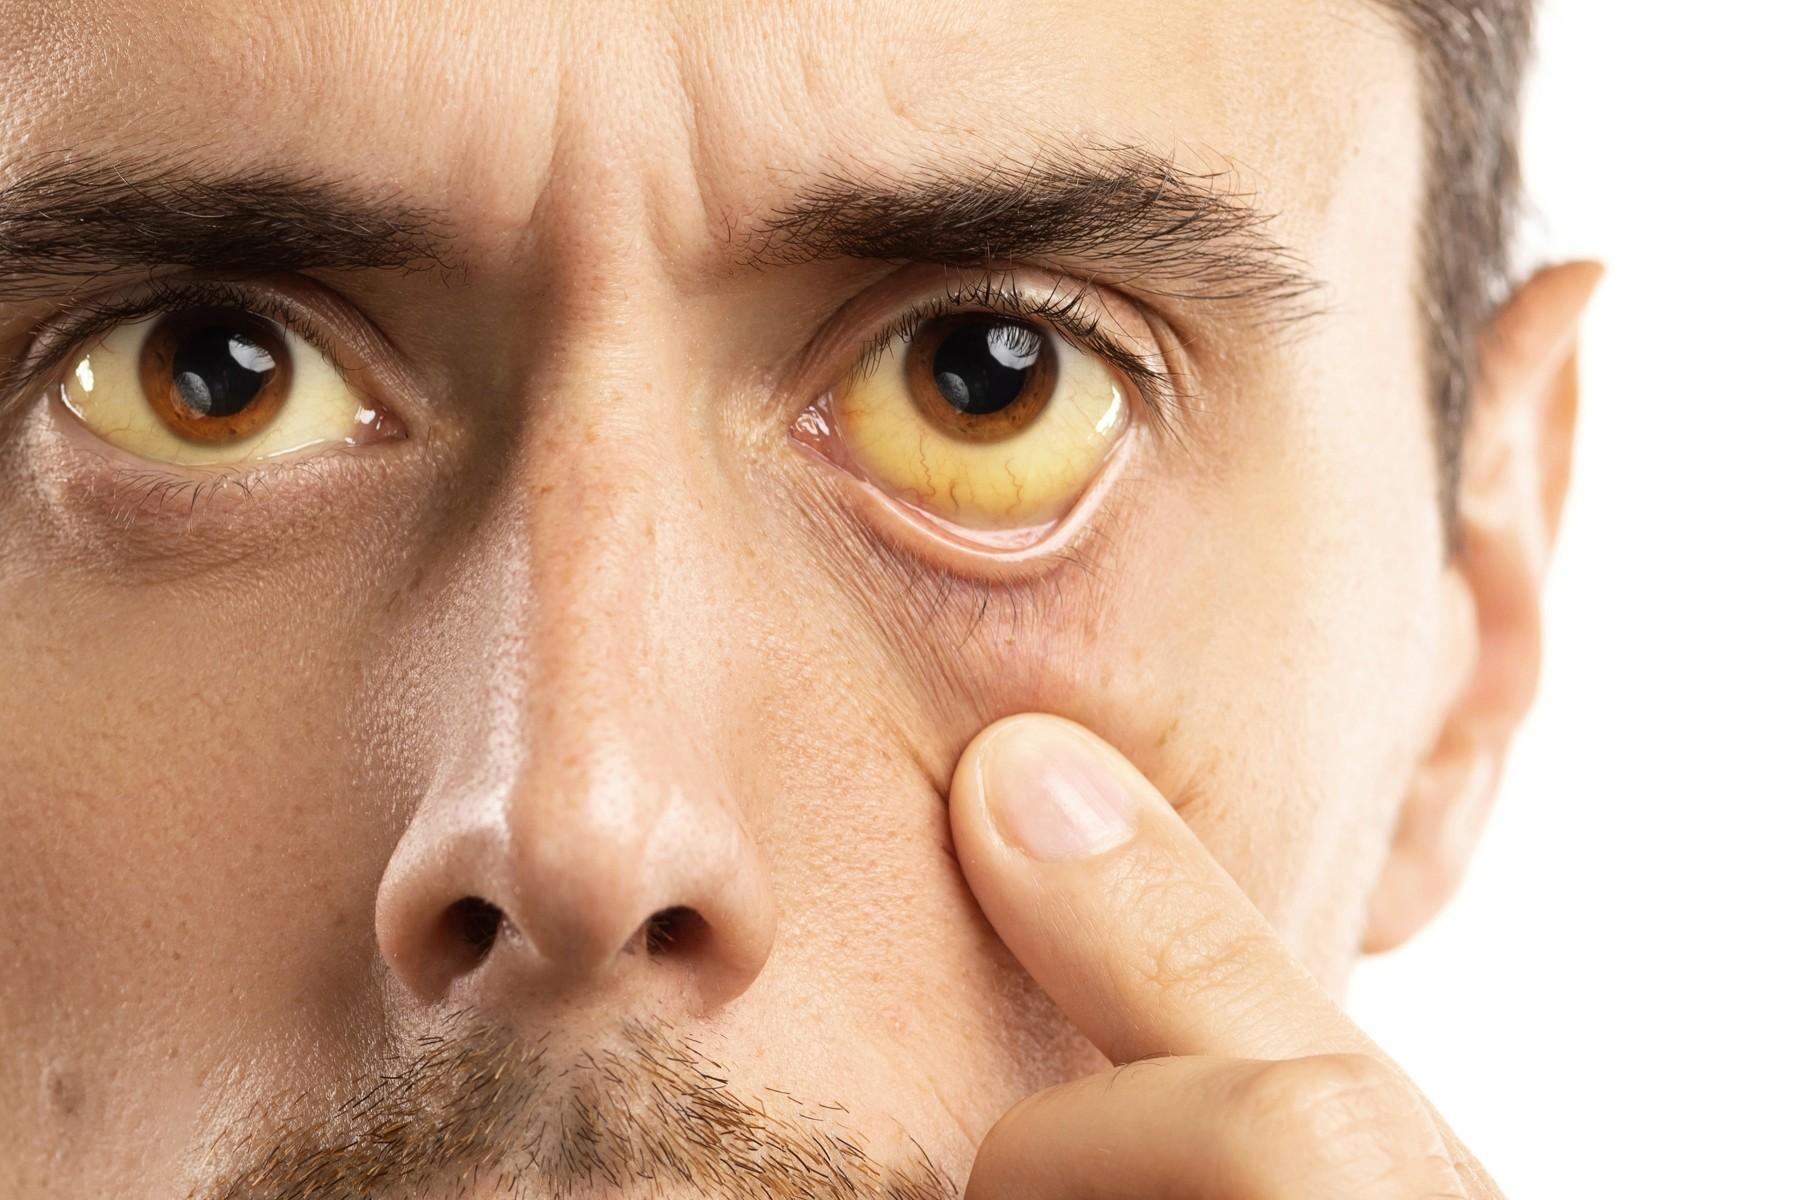 Признаки опасных болезней, о которых вам расскажет лицо